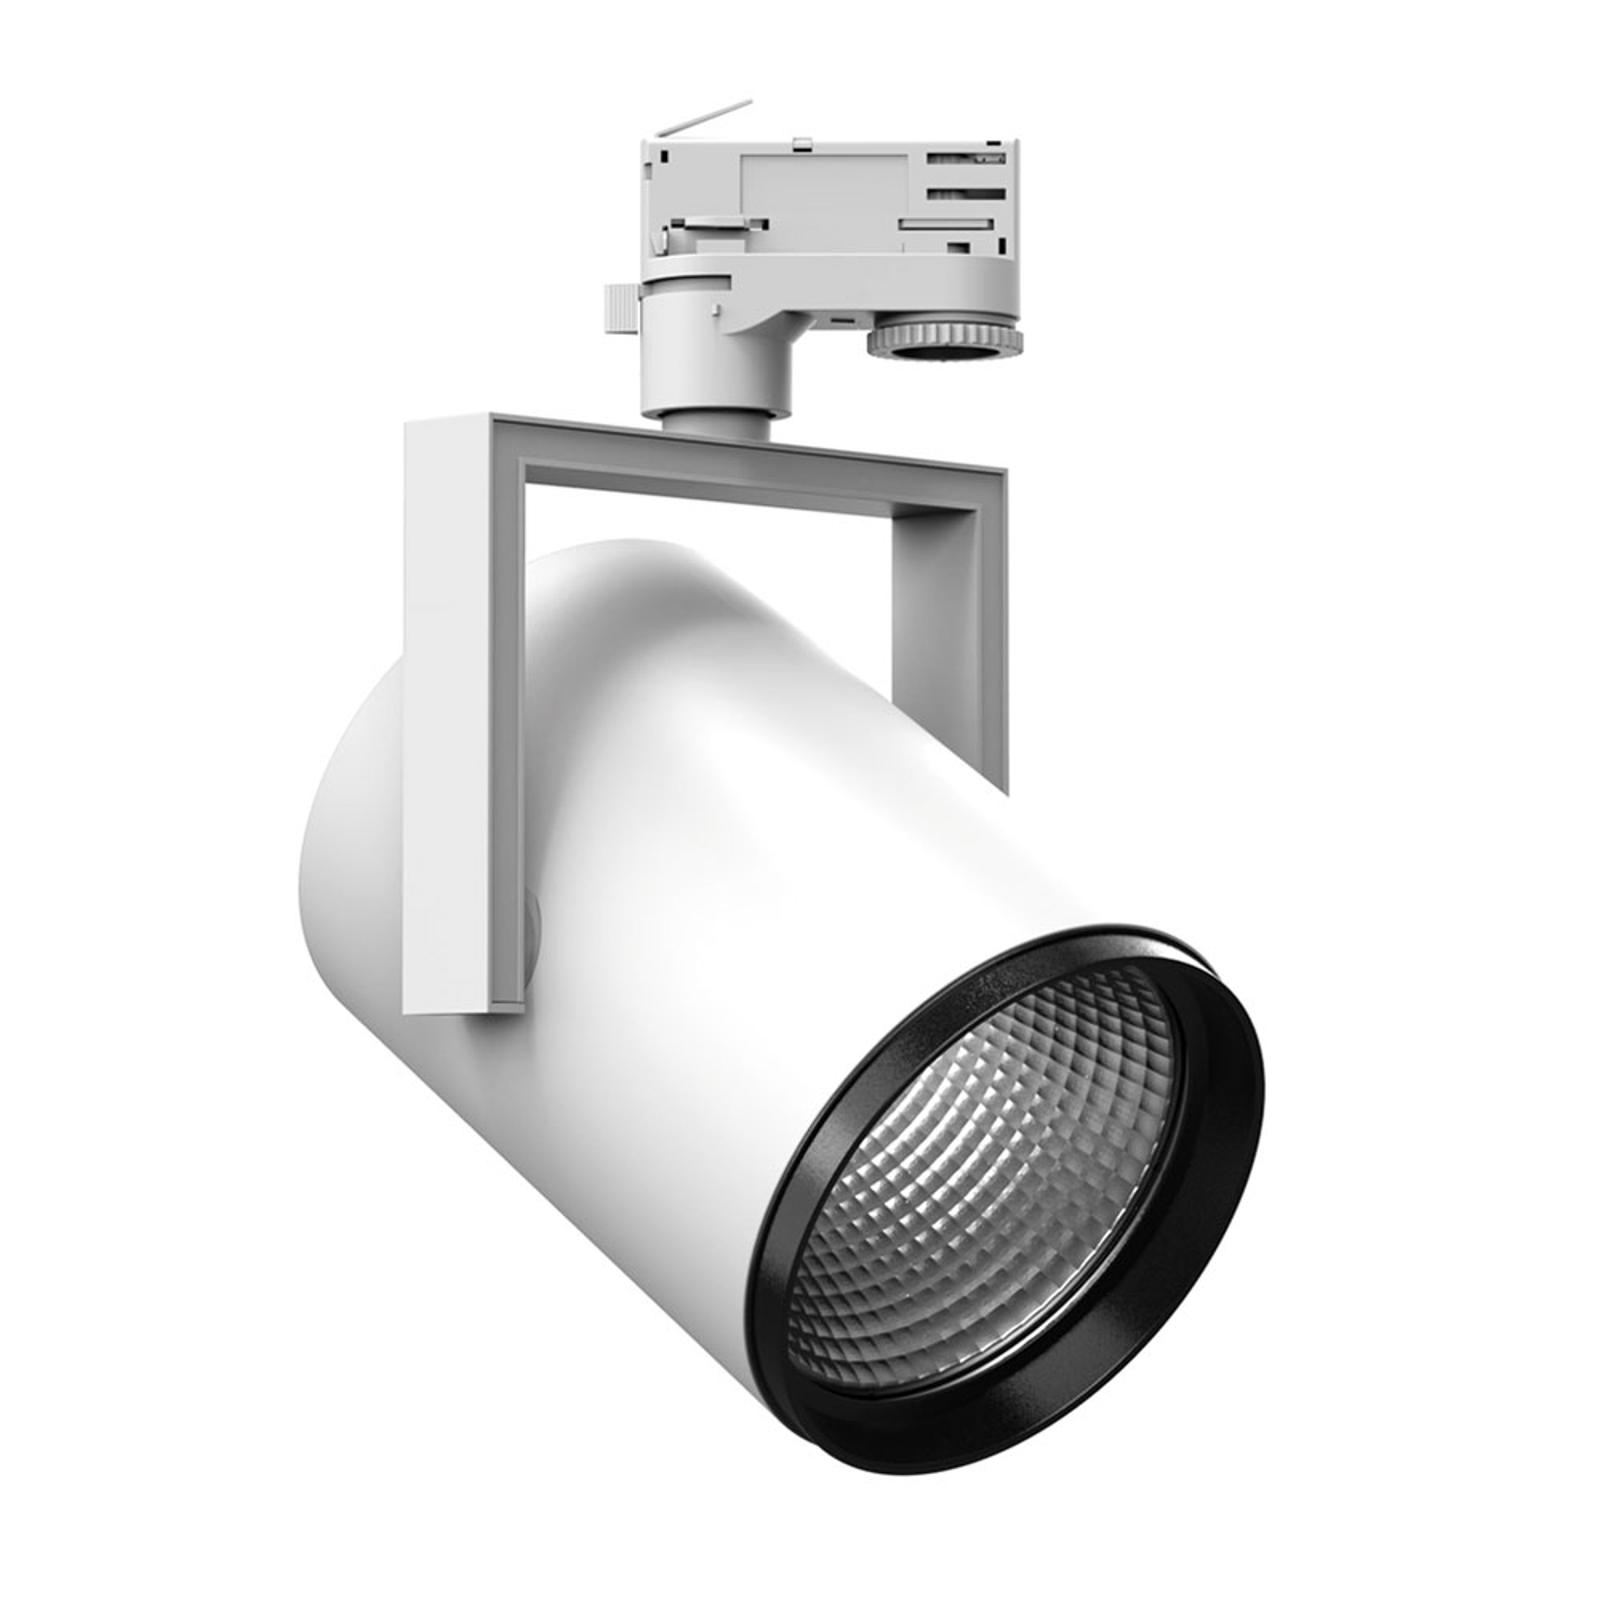 3-Phasen-Schienenstrahler AS425 LED Medium weiß uw